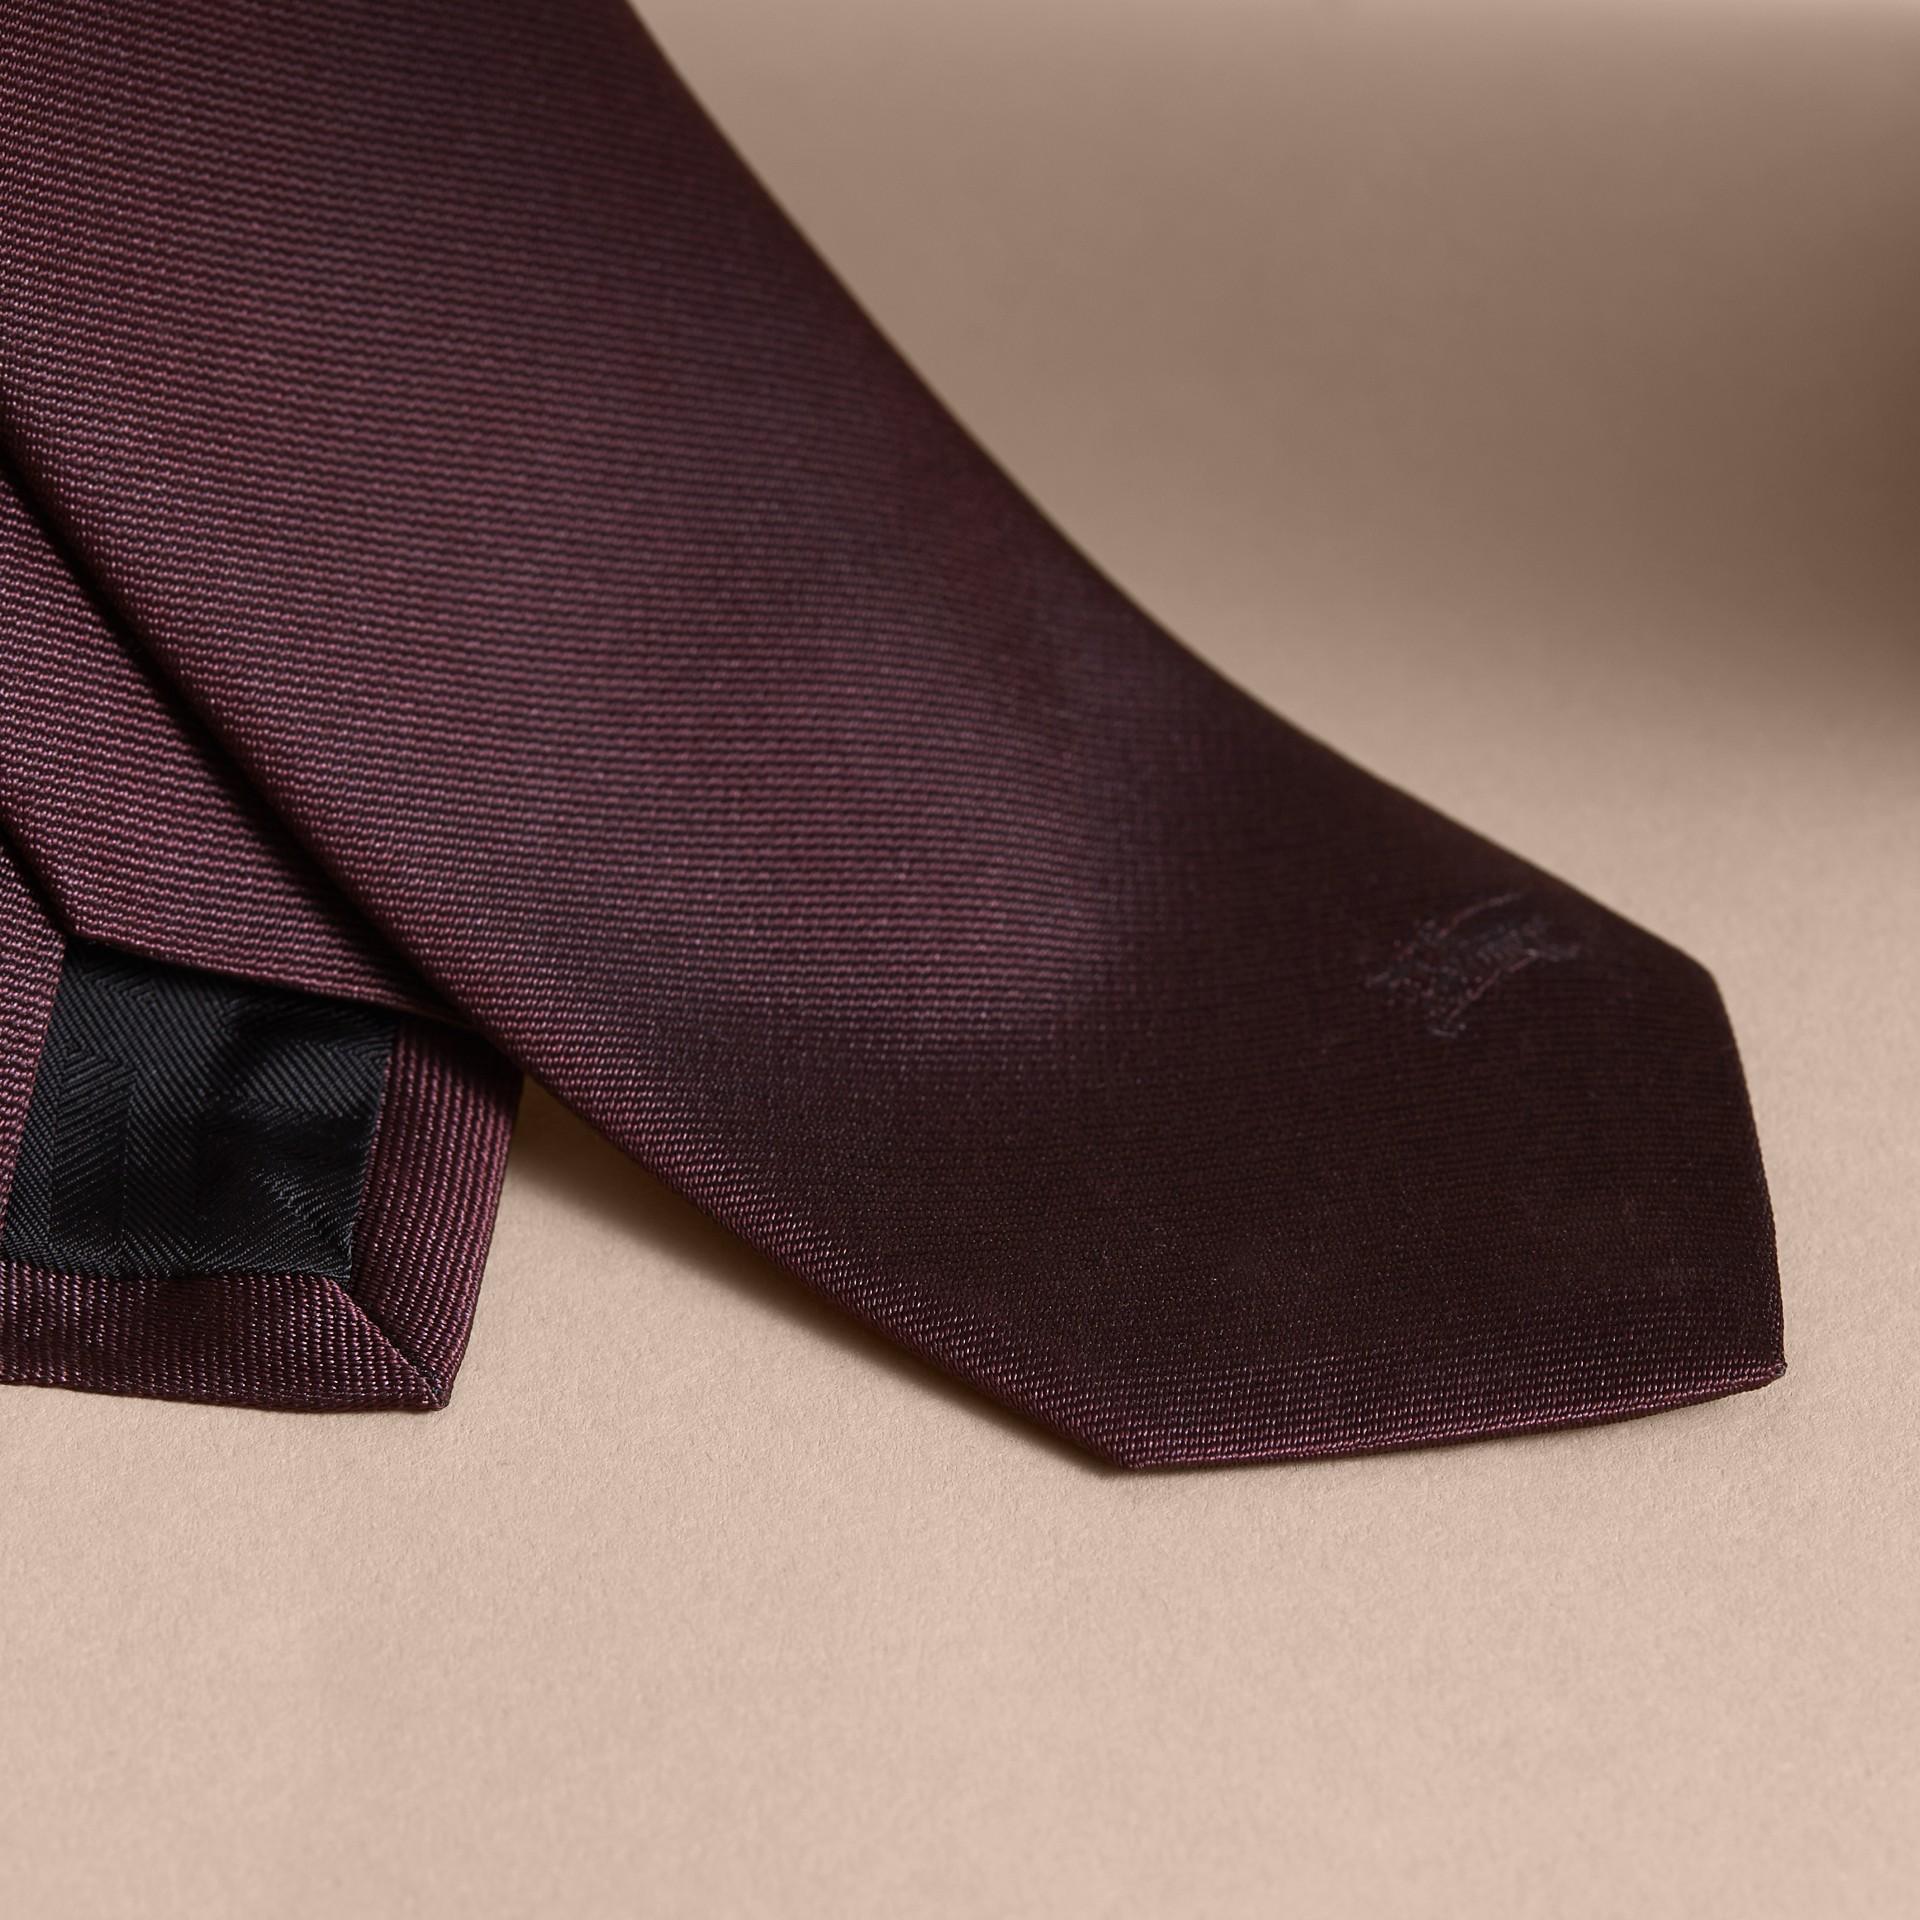 Gravata slim de sarja de seda (Claret Intenso) - Homens | Burberry - galeria de imagens 1